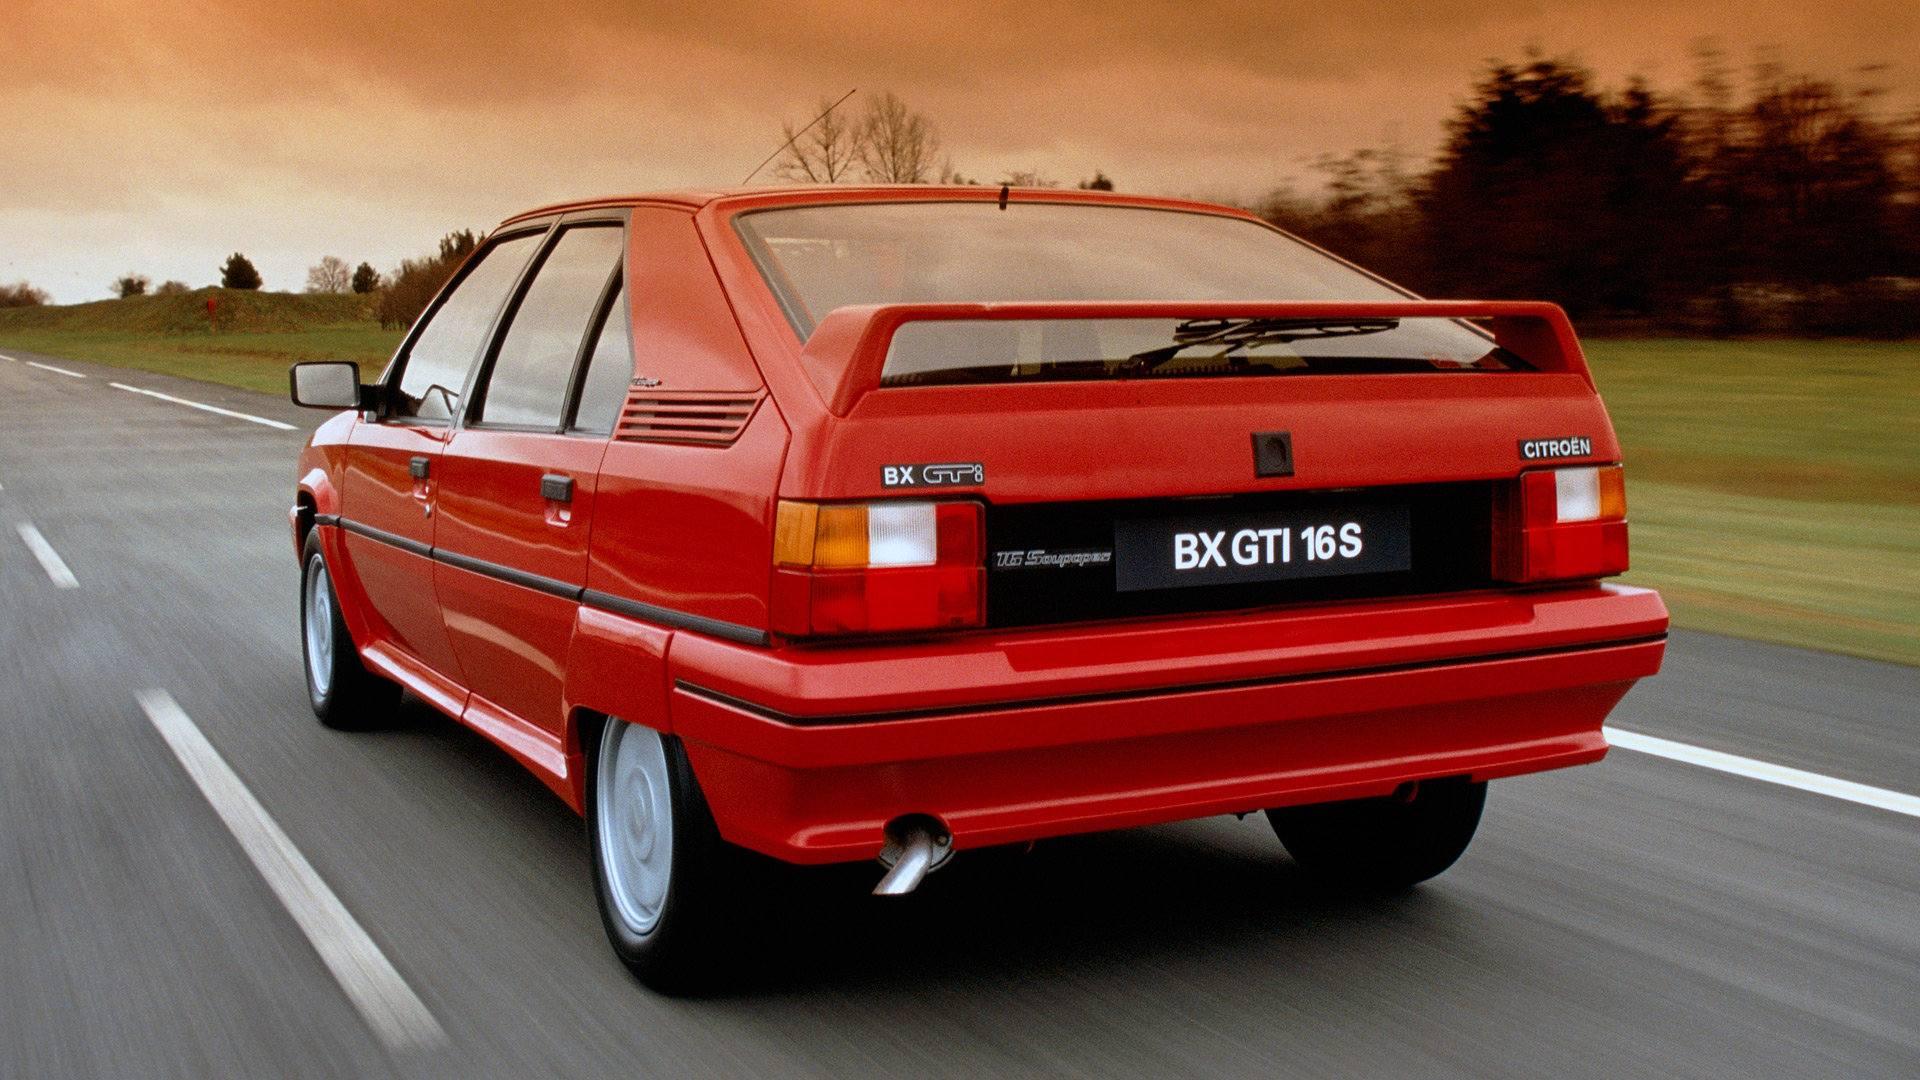 Citroen BX GTI 16v 3